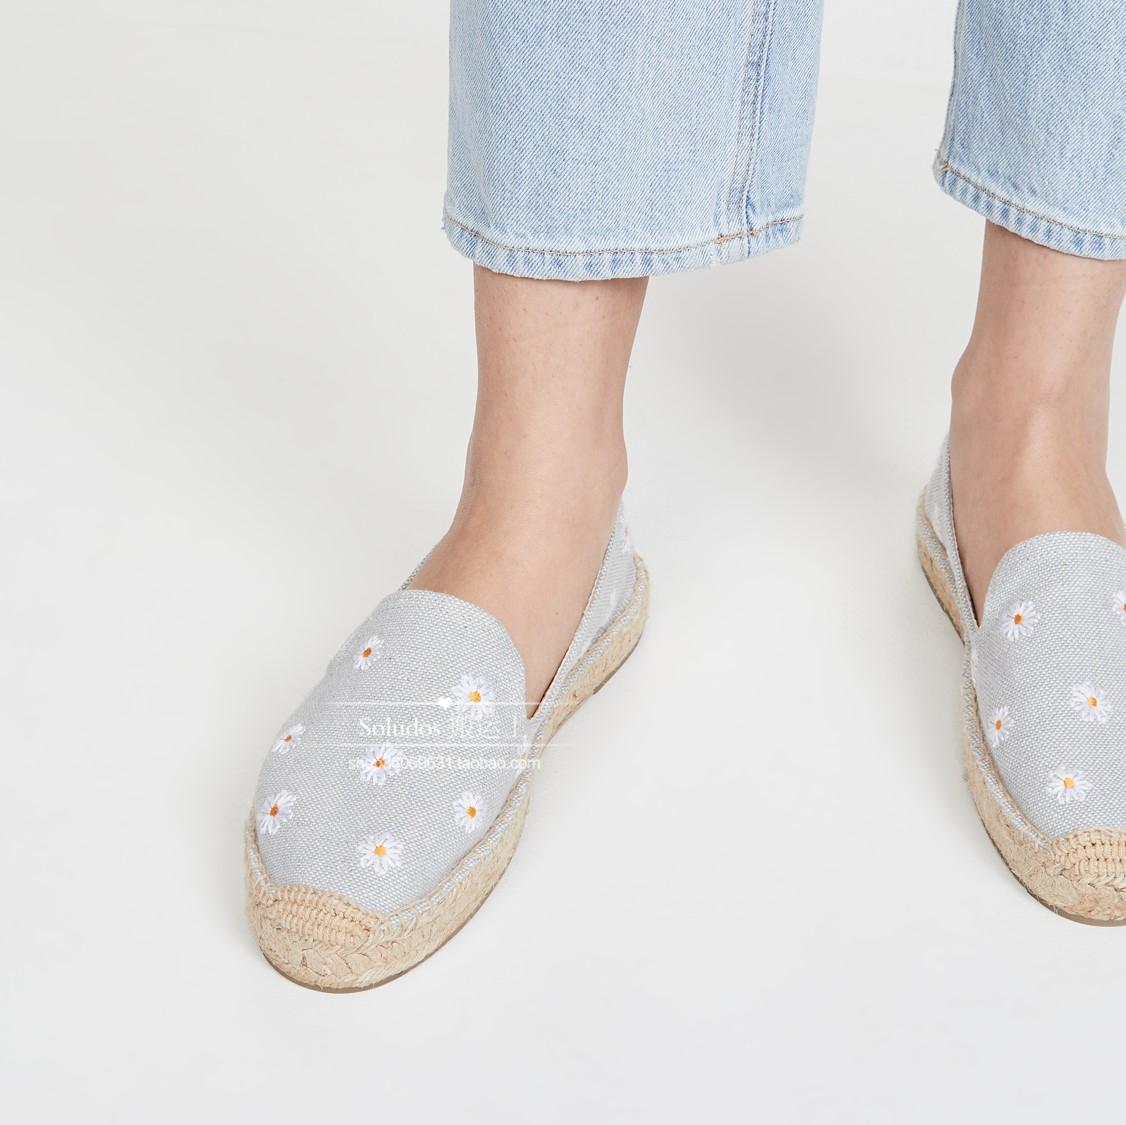 美国正品2020新款Soludos厚底雏菊草鞋渔夫鞋帆布麻底平底夏女鞋